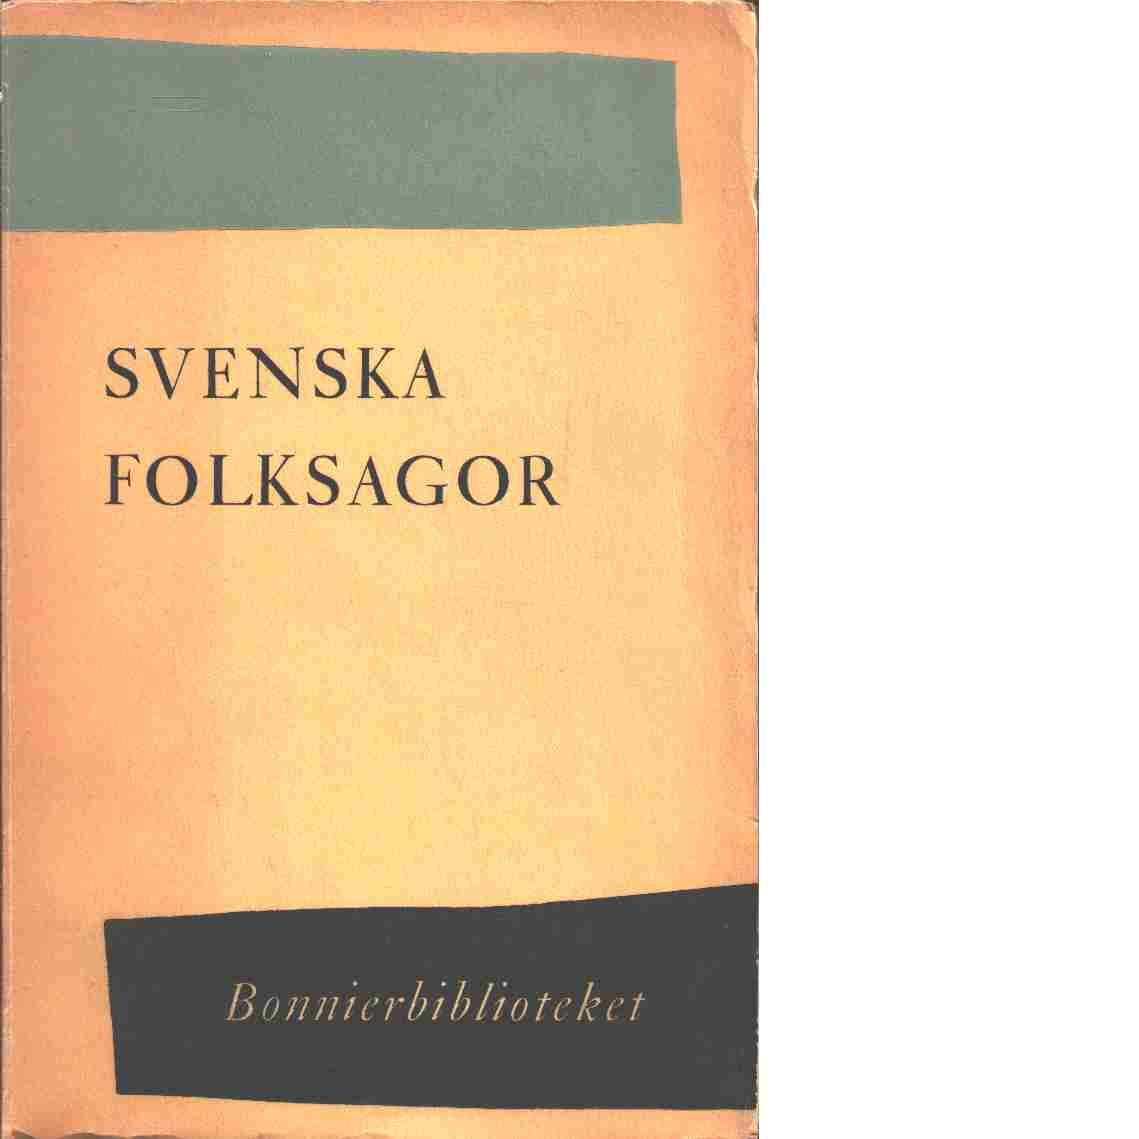 Svenska folksagor i urval och med inledning av Jan-Öjvind Swahn - Red. Swahn, Jan-Öjvind